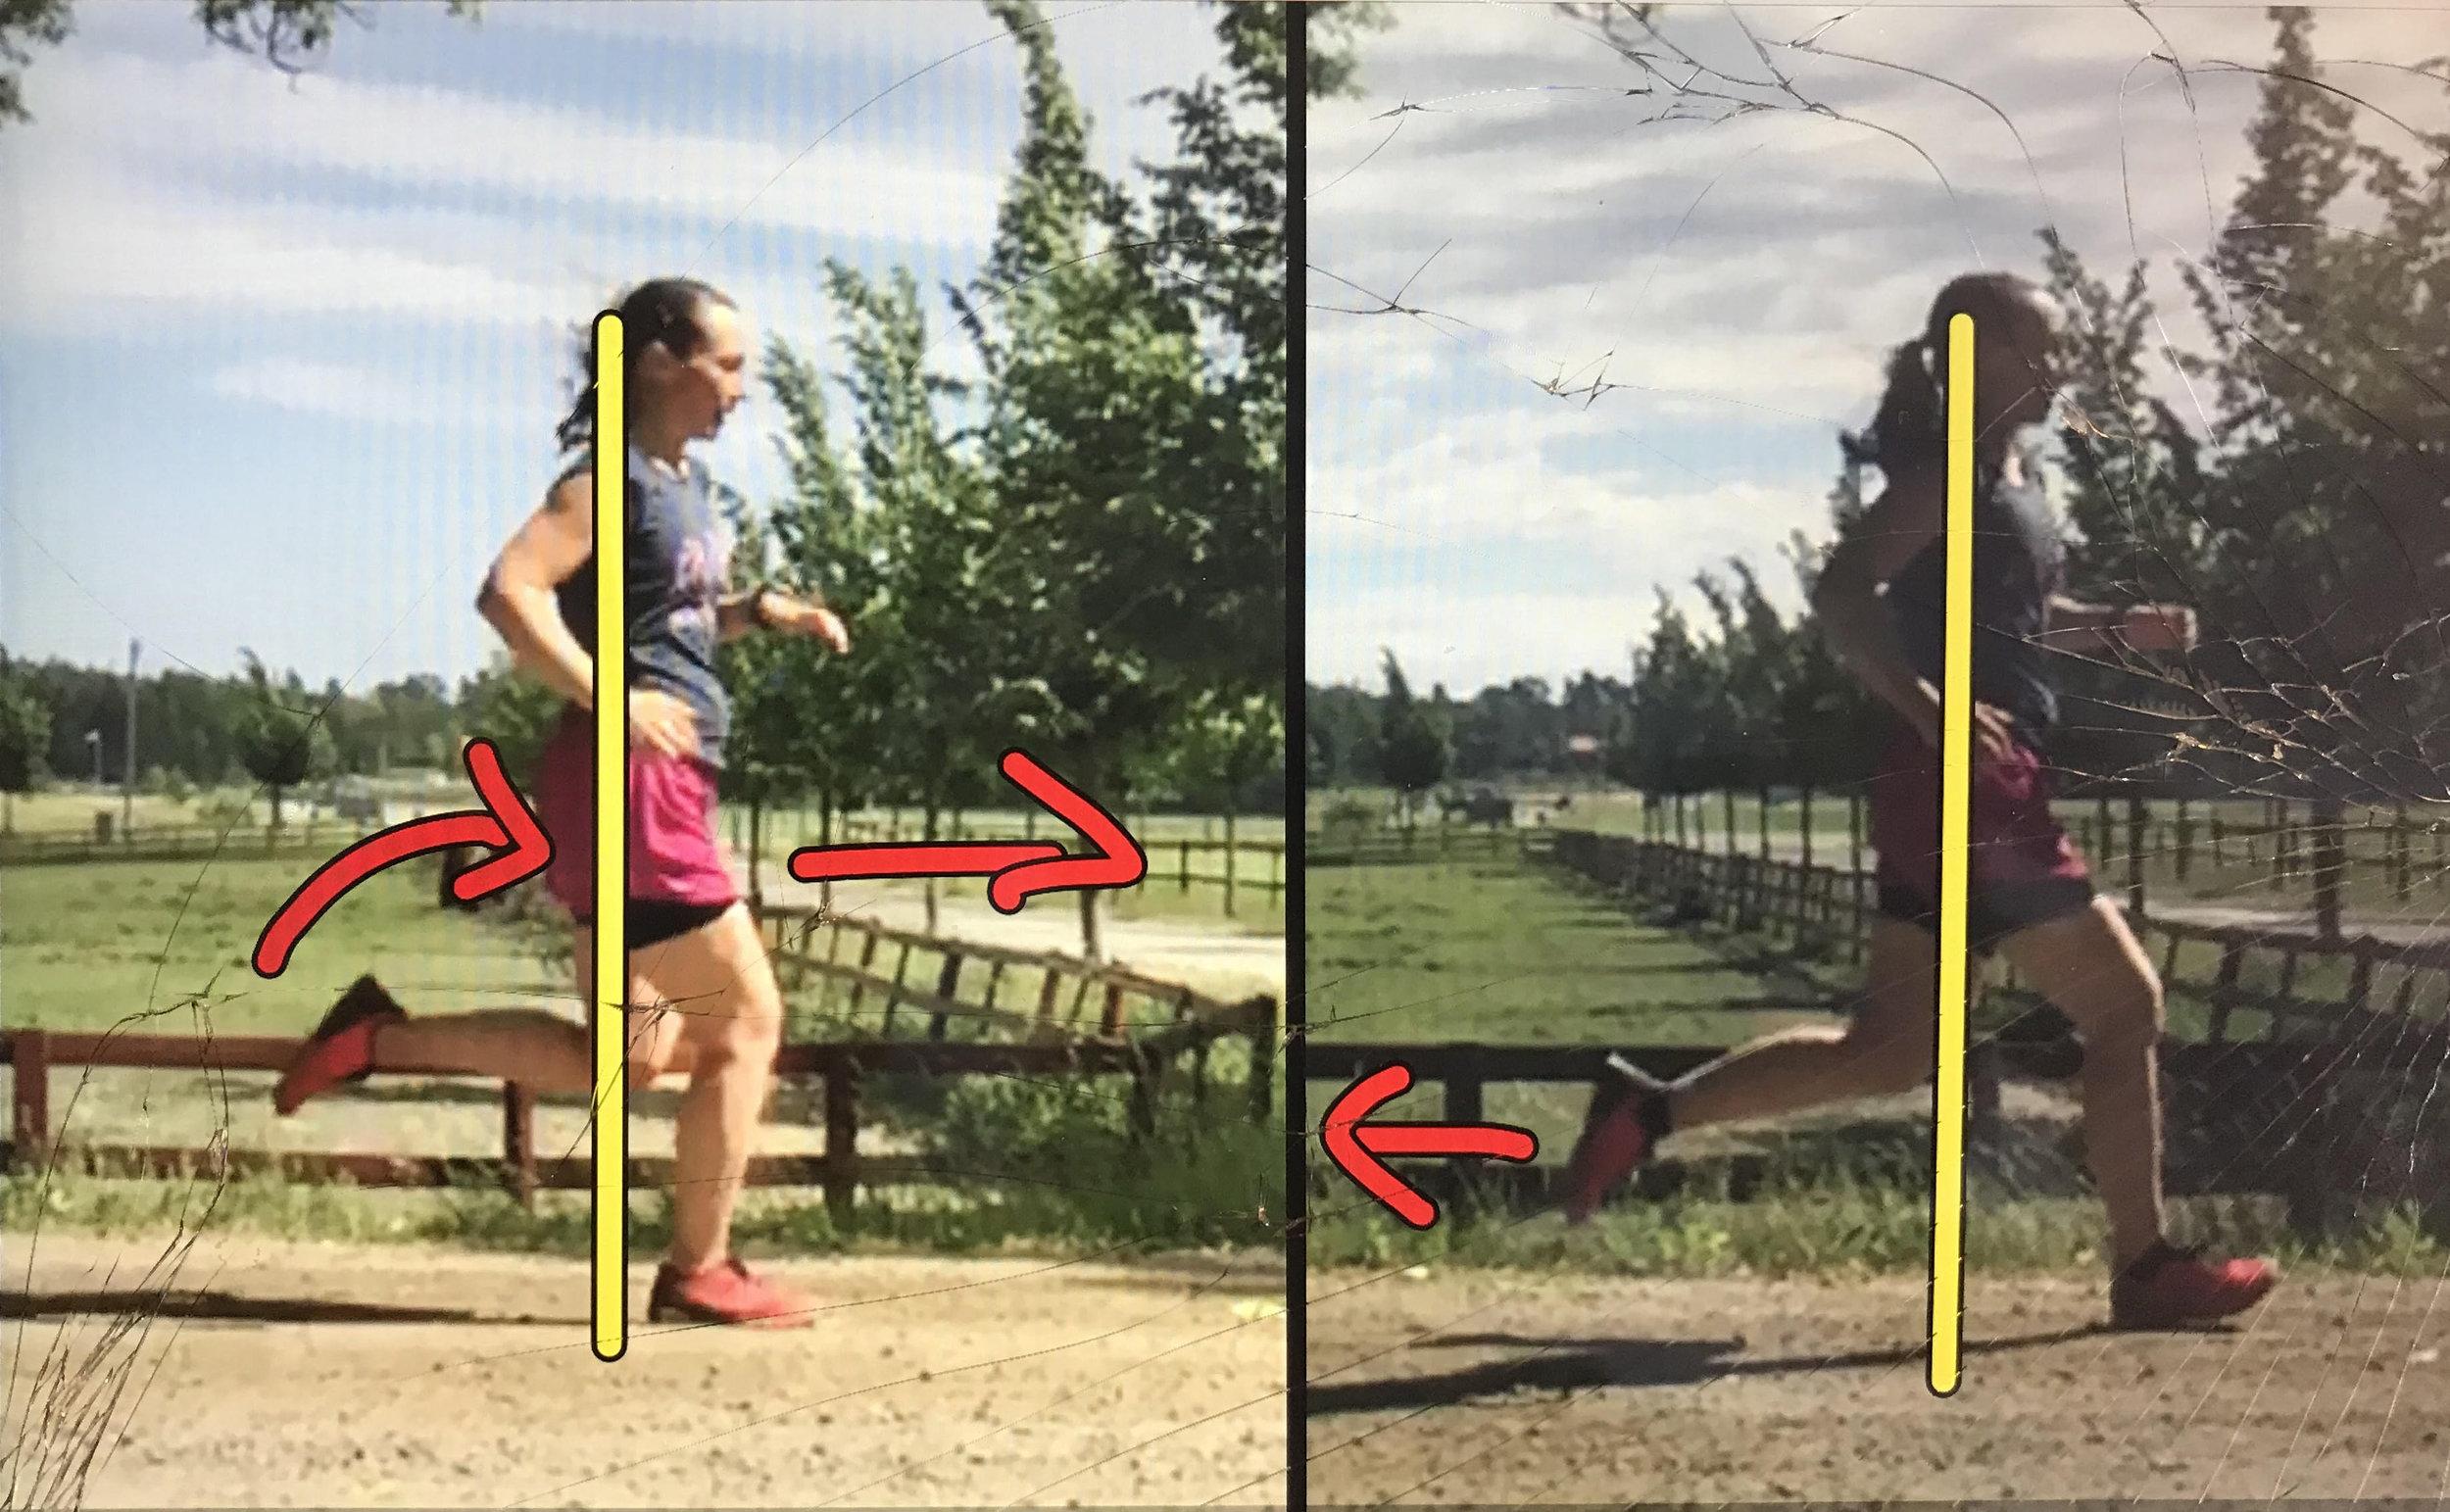 Till höger före vår utbildning.  Man ser att foten landar för långt framför kroppen och det bakre benets kraft är mer riktad bakåt än uppåt.   På vänstra bilden ca 2 timmar senare efter utbildning  och diverse praktiska övningar. Det är skillnad! Foten landar mycket mer under kroppen och det bakre benets kraft hjälper till att driva kroppen framåt.